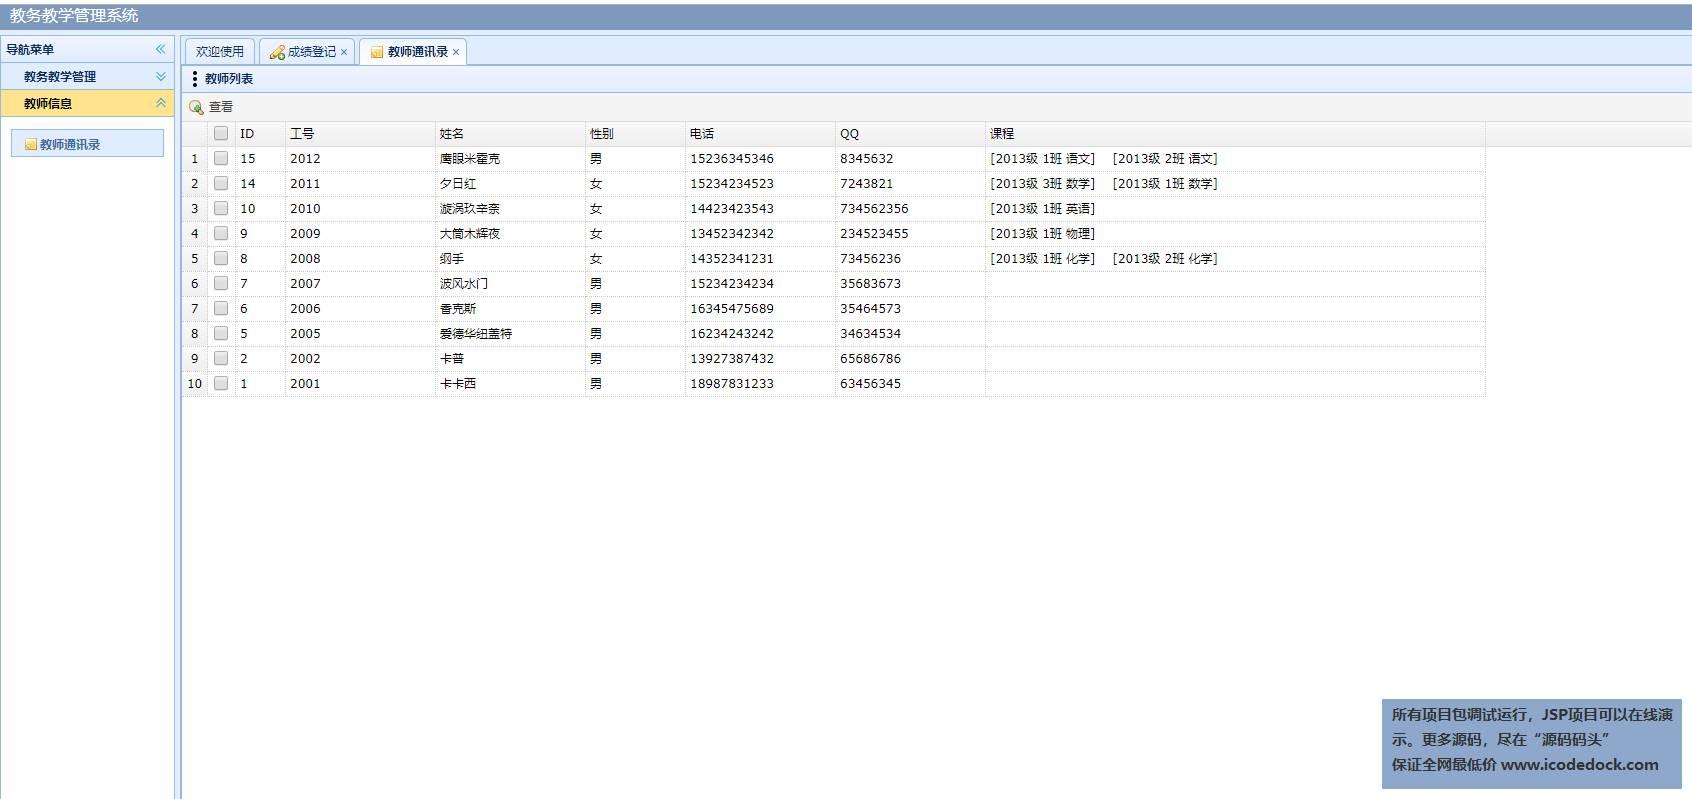 源码码头-JSP教务教学管理系统-教师角色-查看通讯录